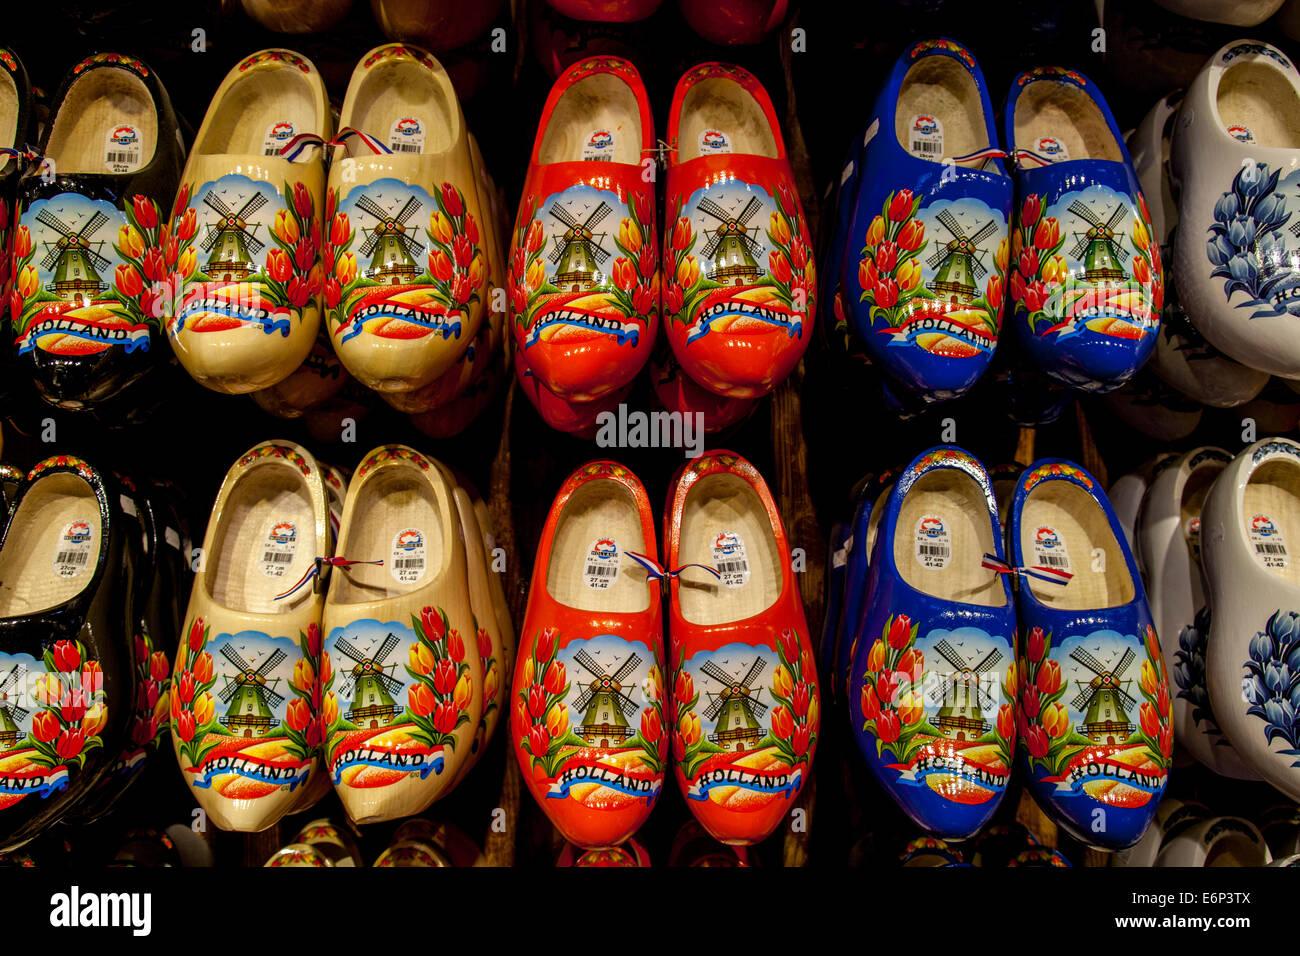 Tradizionali zoccoli olandesi per la vendita, Zaanse Schans, Amsterdam, Olanda Immagini Stock